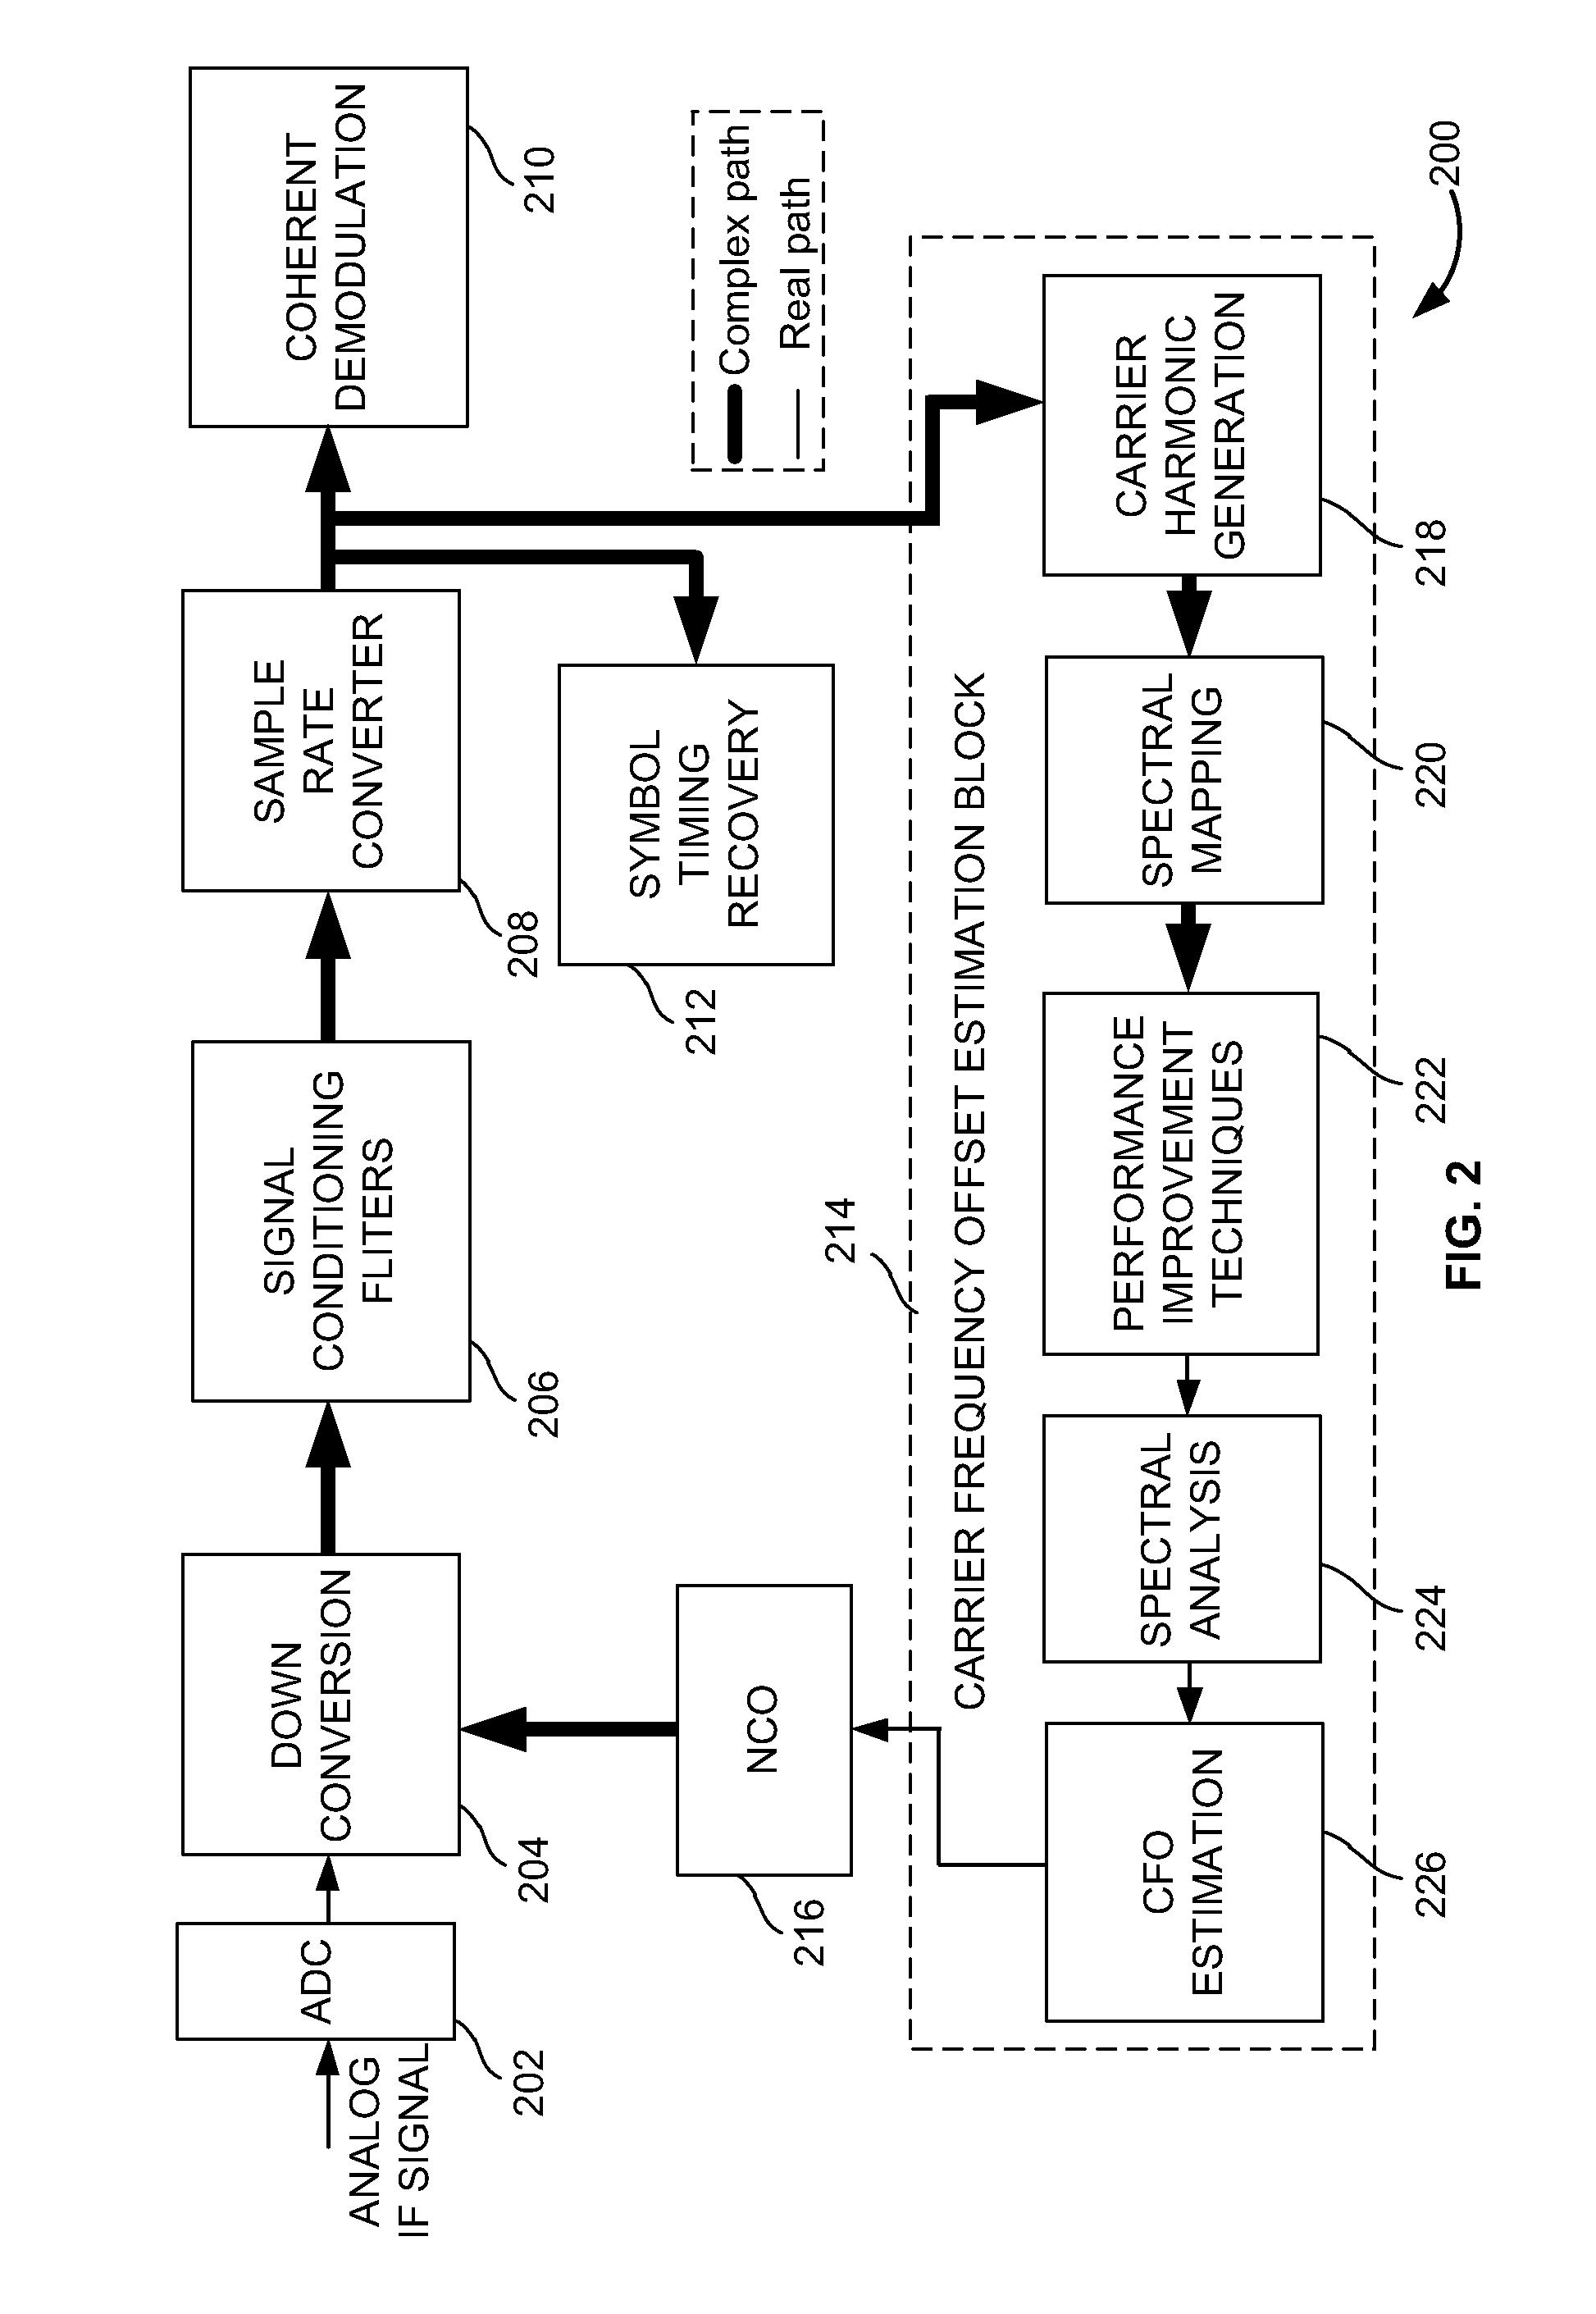 patent us8611472